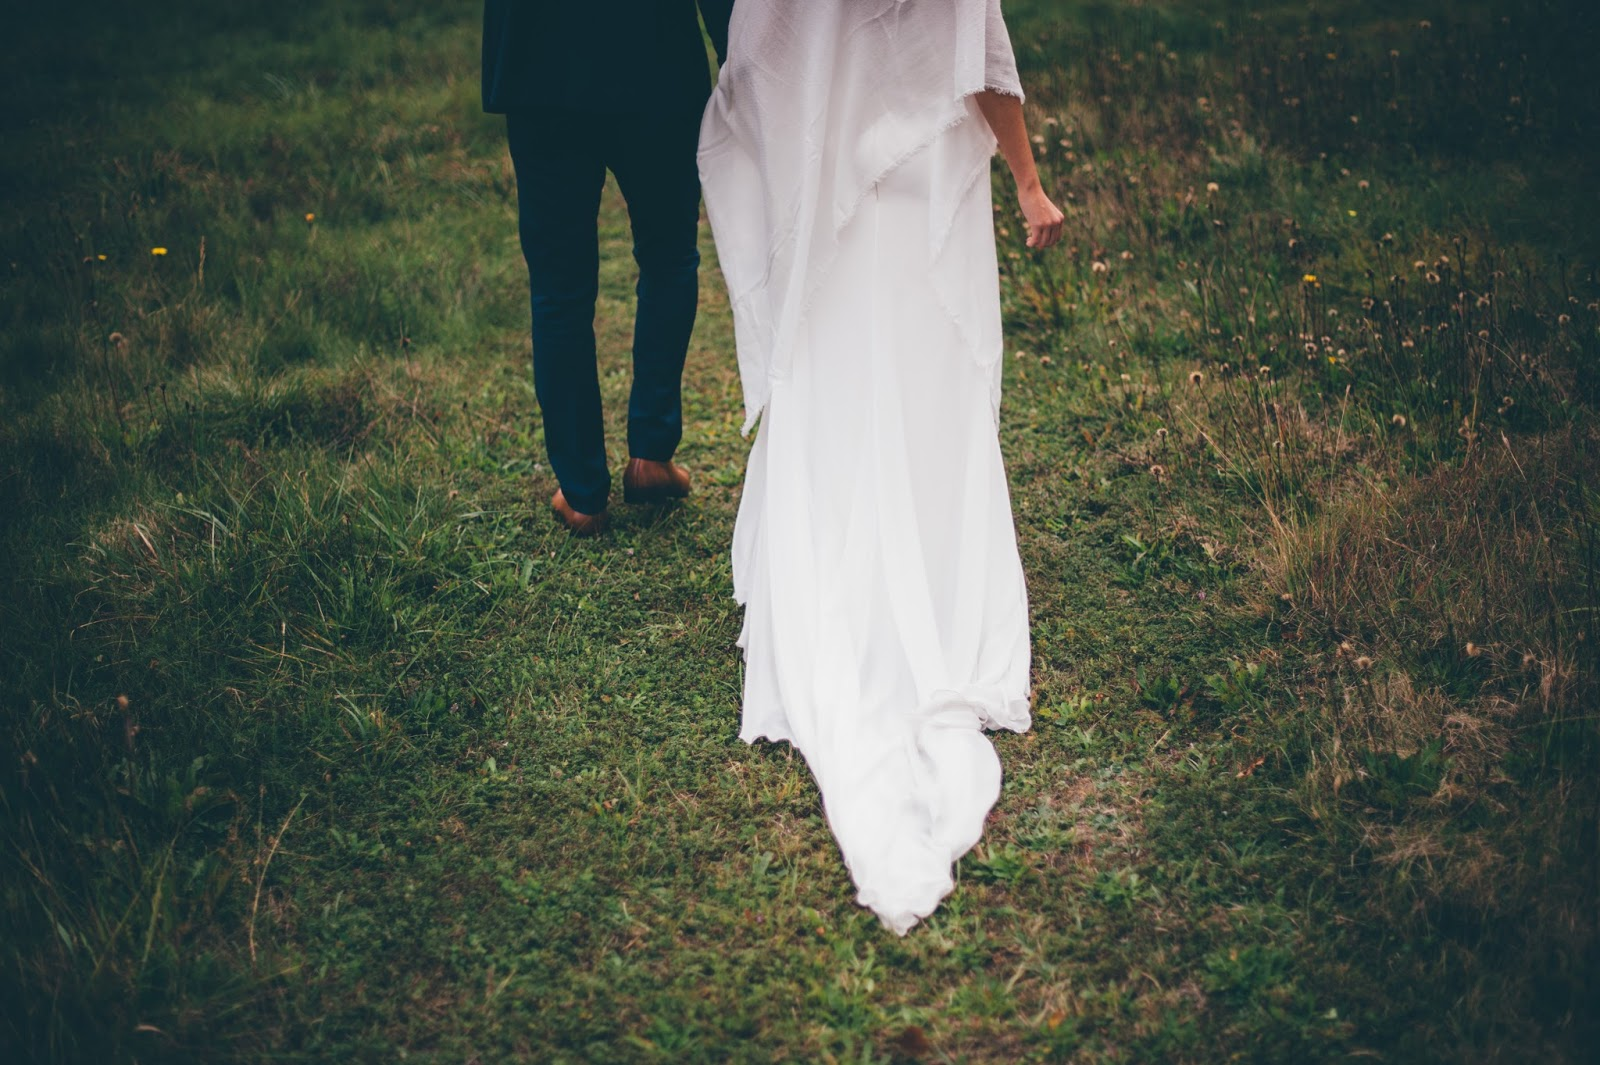 Photographe mariage Lyon Roanne domaine des sequoias isere X-PRO2